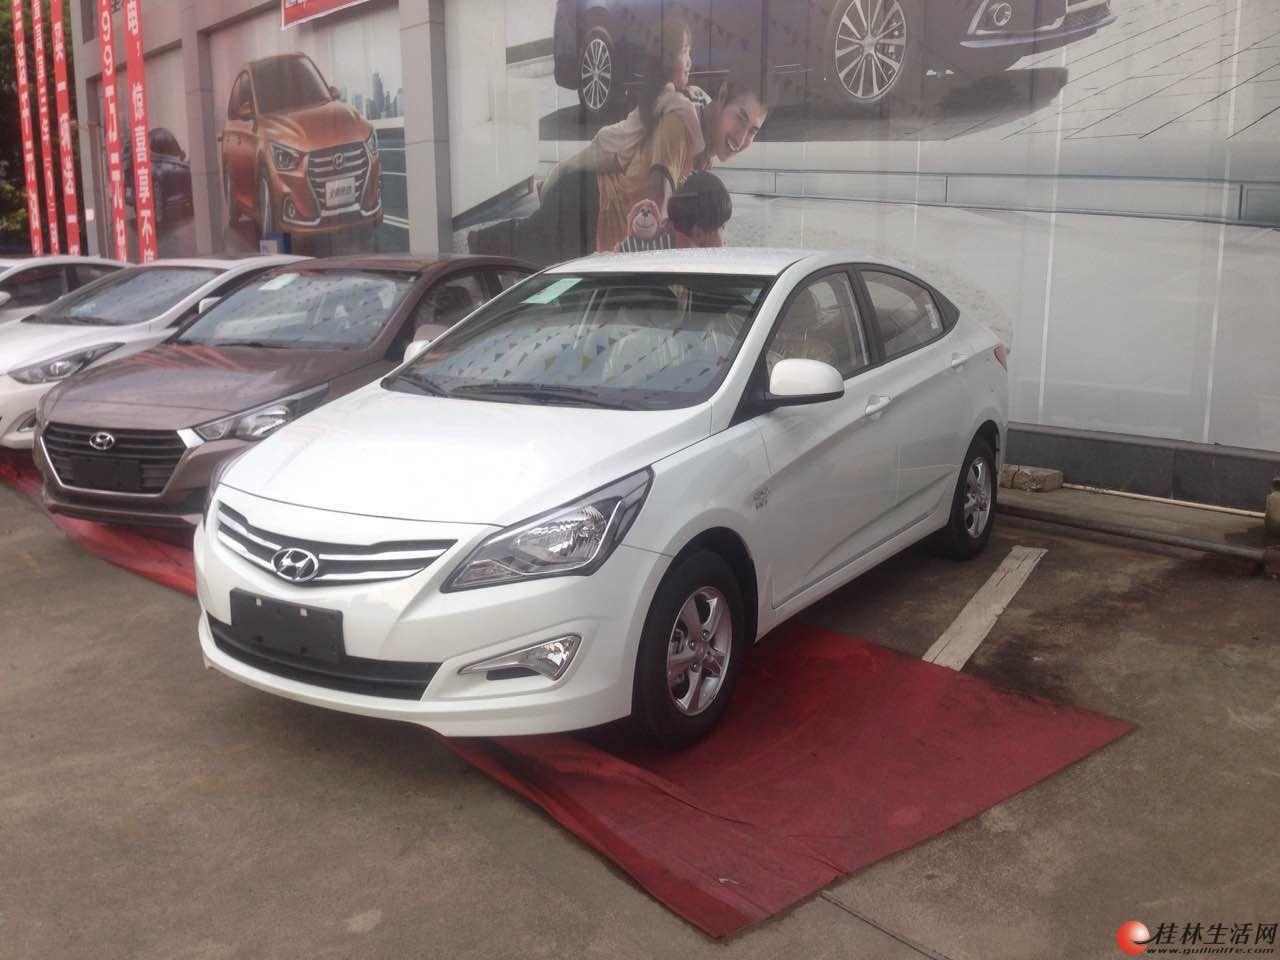 桂林赢时通租车,各类新轿车只需150元/天包月优惠